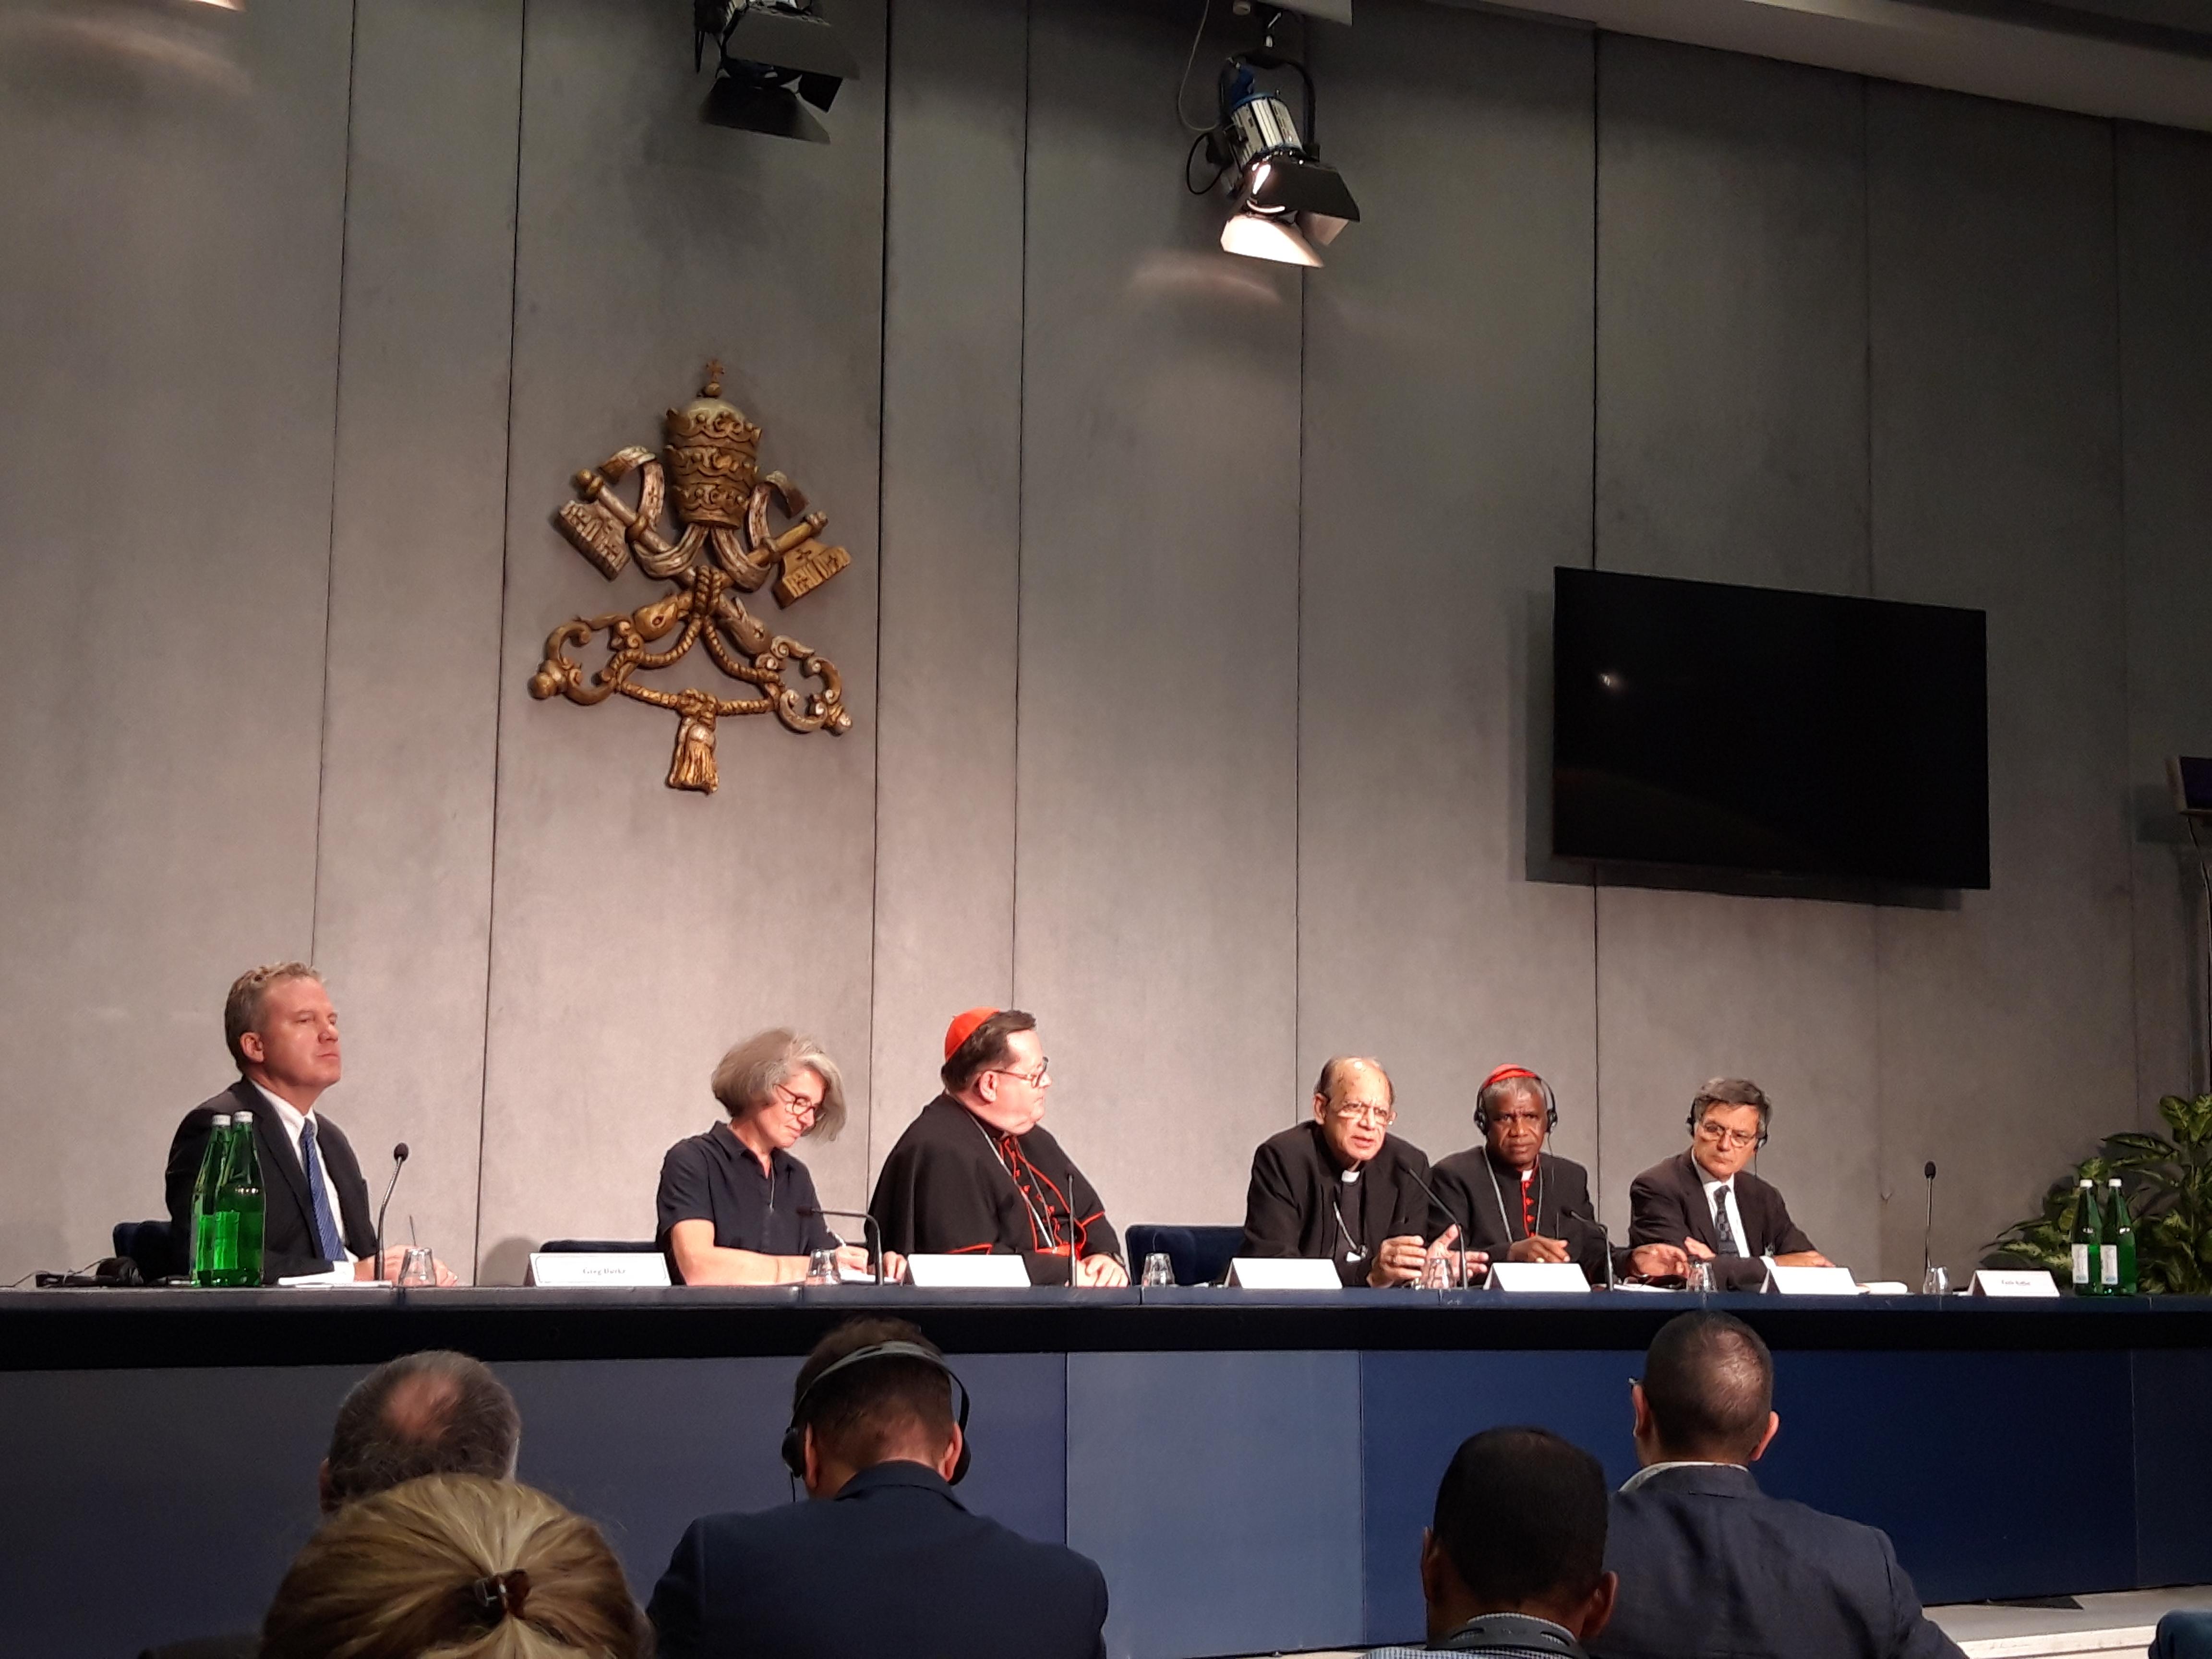 Briefing sobre el Sínodo, 9 de octubre 2018 © Zenit